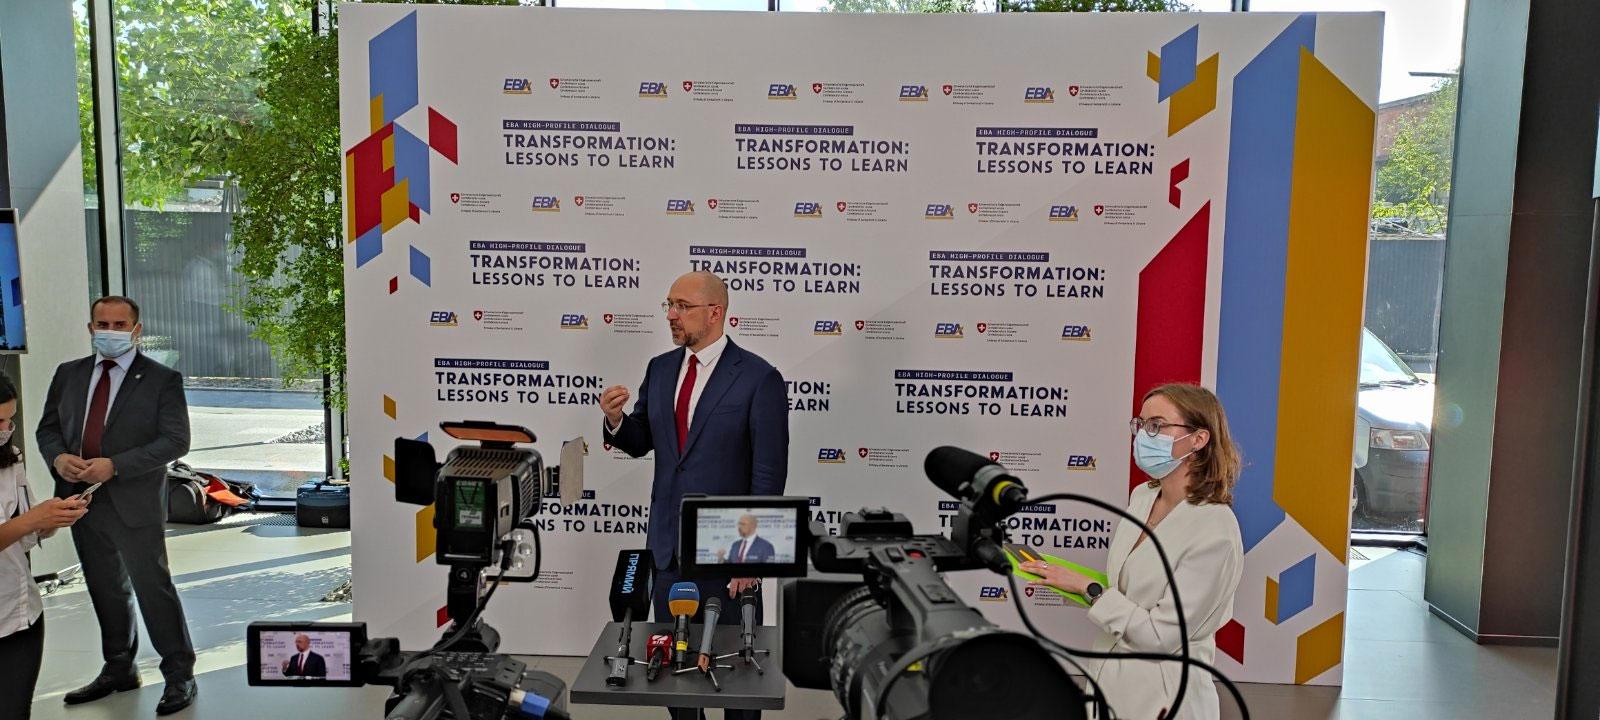 Оборудование для технической поддержки и организации синхронного перевода деловой встречи Премьер-министра Украины и президента Швейцарии в июле 2020 года, услуга или аренда. Киев, Украина. Компания Эквиптайм